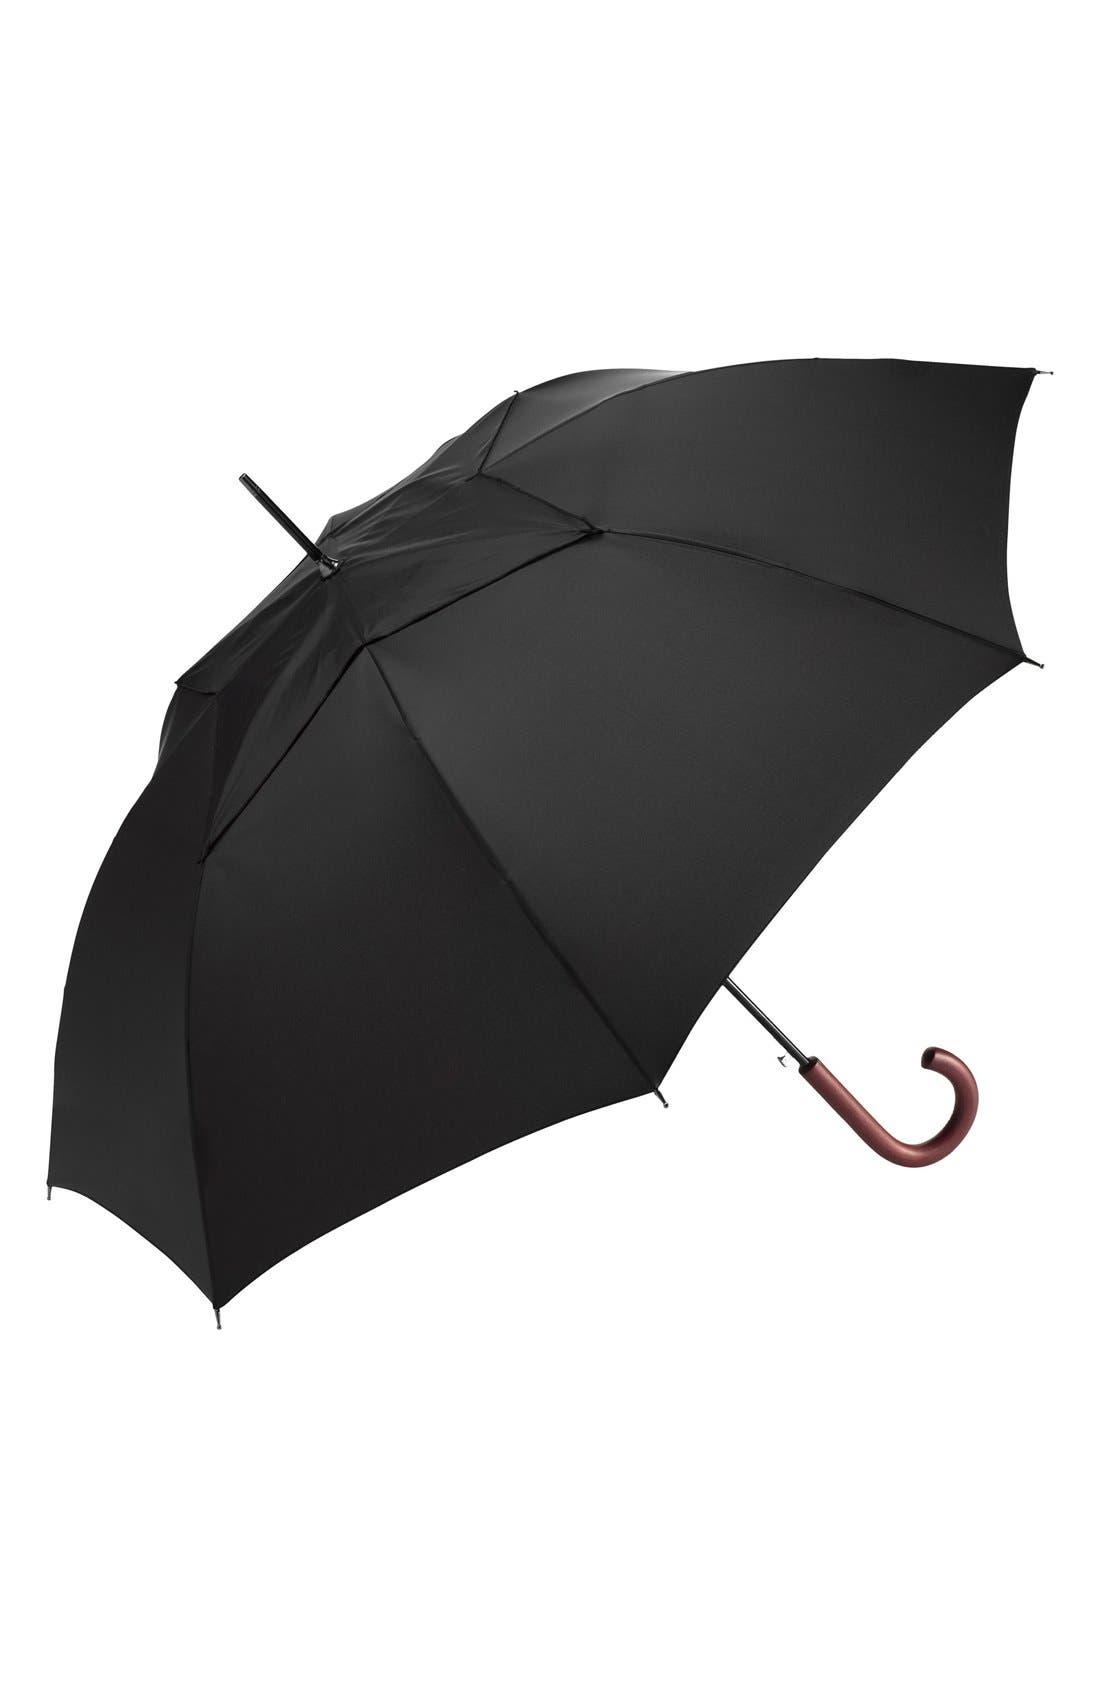 'WindPro<sup>®</sup>' Auto Open & Close Umbrella,                         Main,                         color, Black